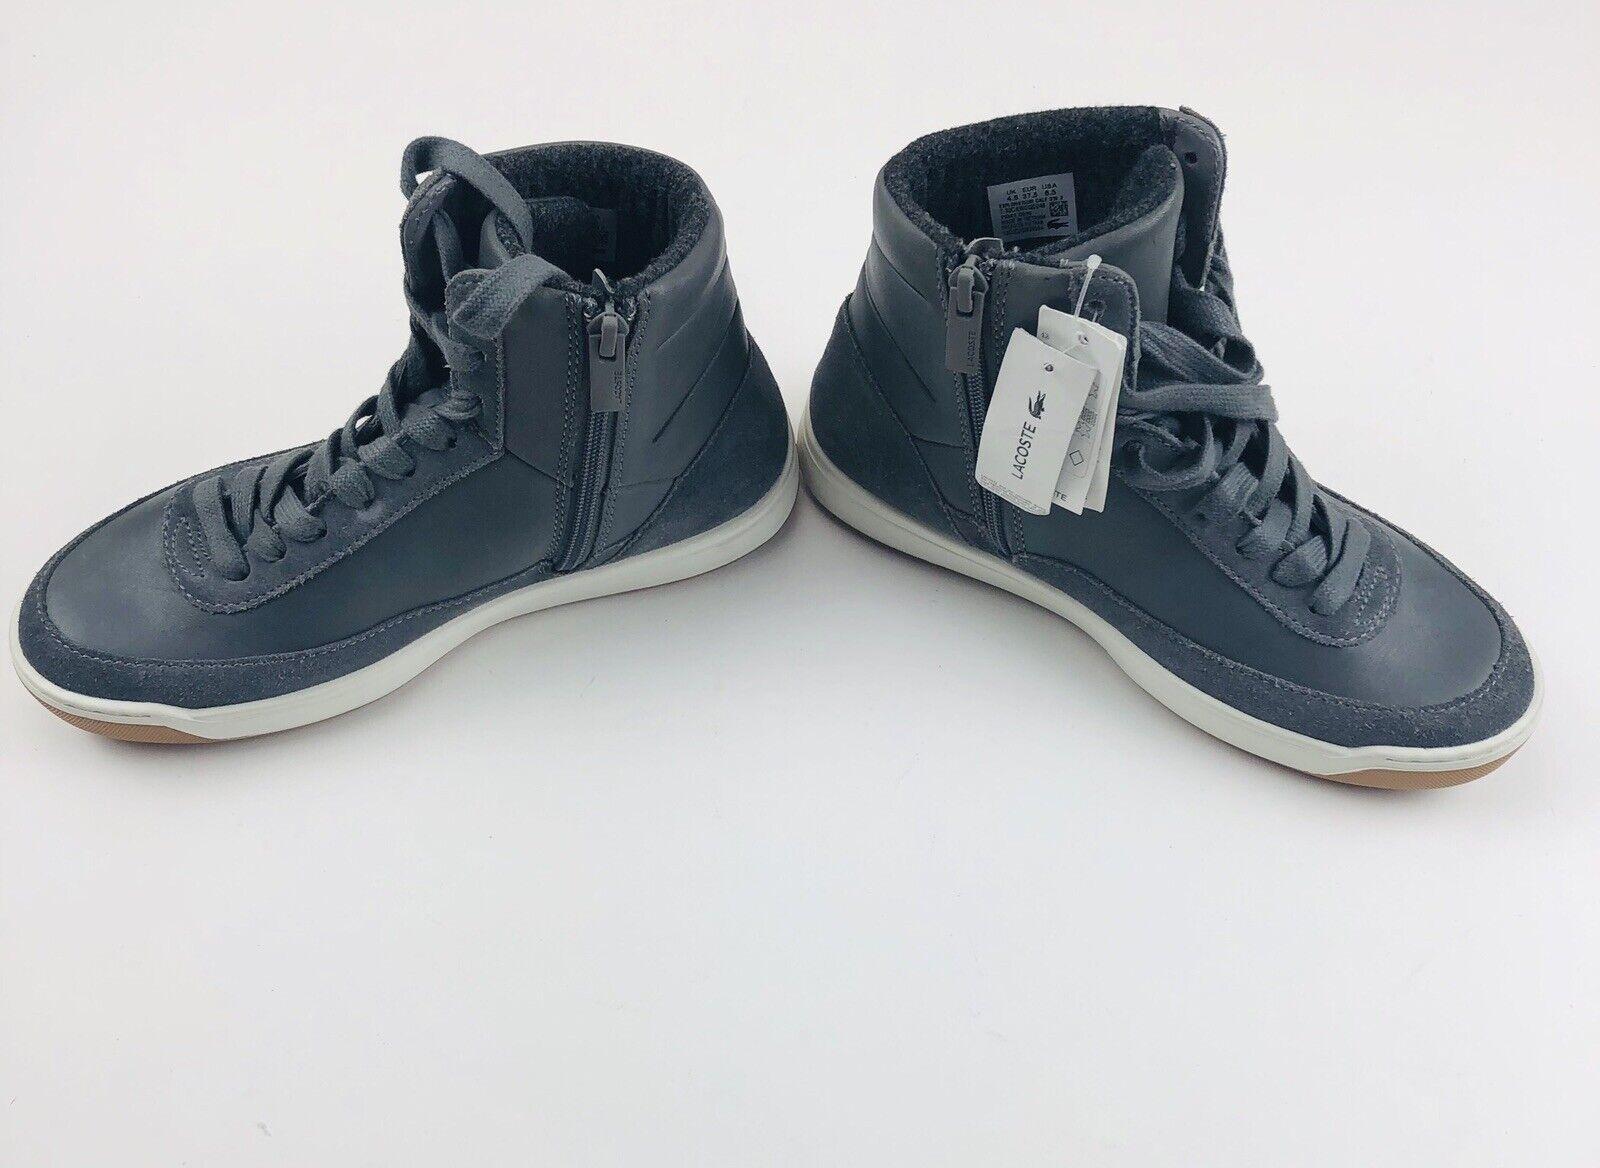 NUOVO   160 Lacoste donna Explorateur Calf e Suede Fashion scarpe da ginnastica Sz 6.5  presentando tutte le ultime tendenze della moda